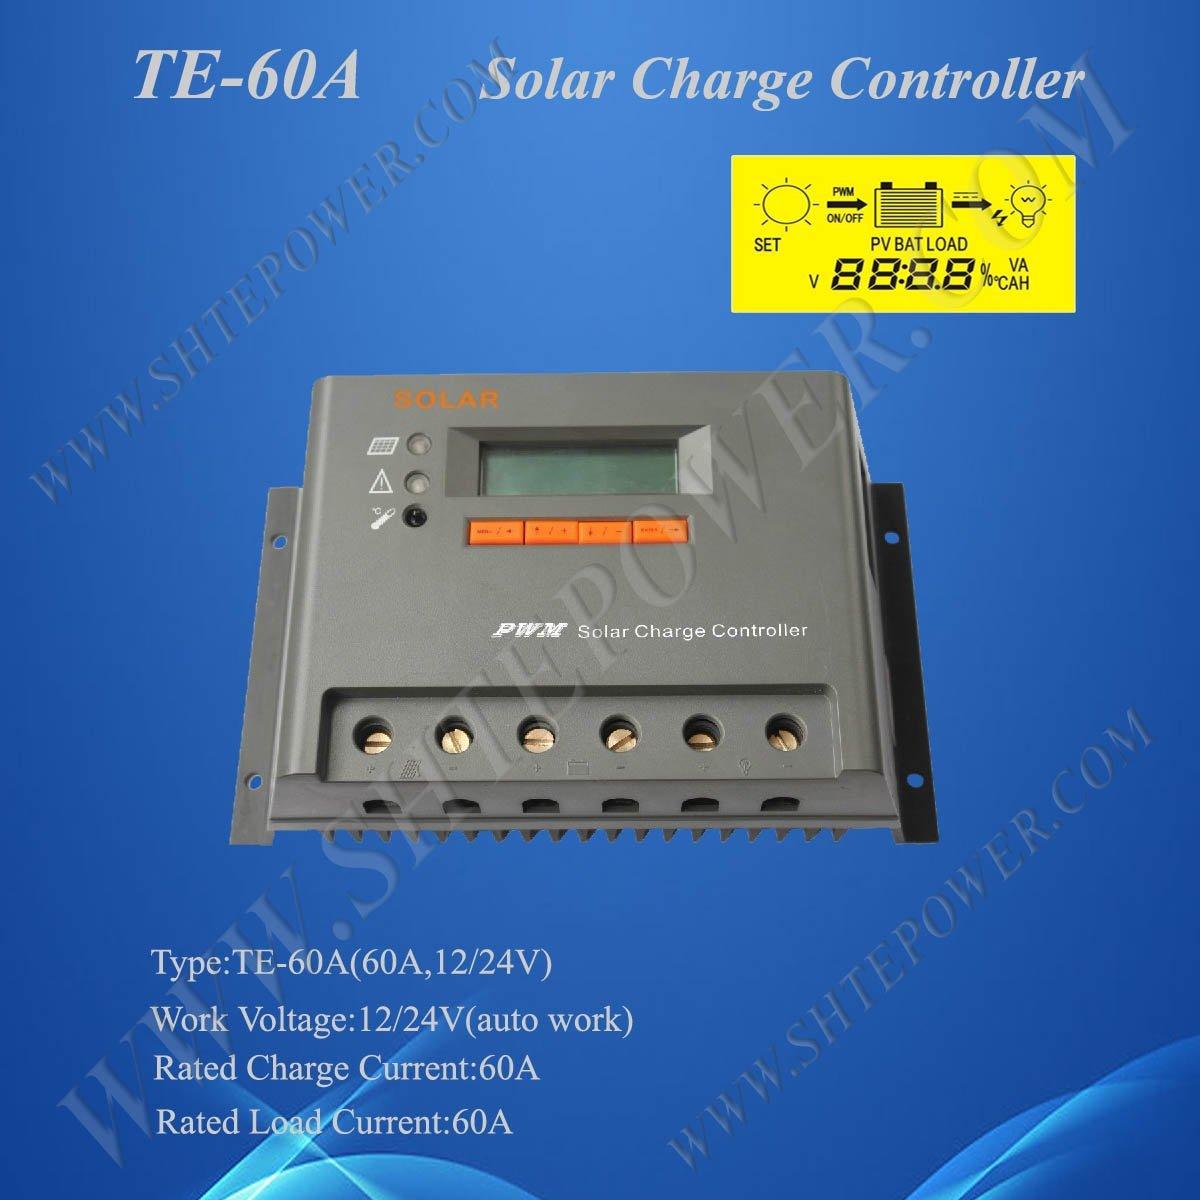 12 В/24 В Авто Работа 60a Солнечные энергетические установки контроллера/солнечный свет контроллер заряда/ШИМ Контроллер заряда